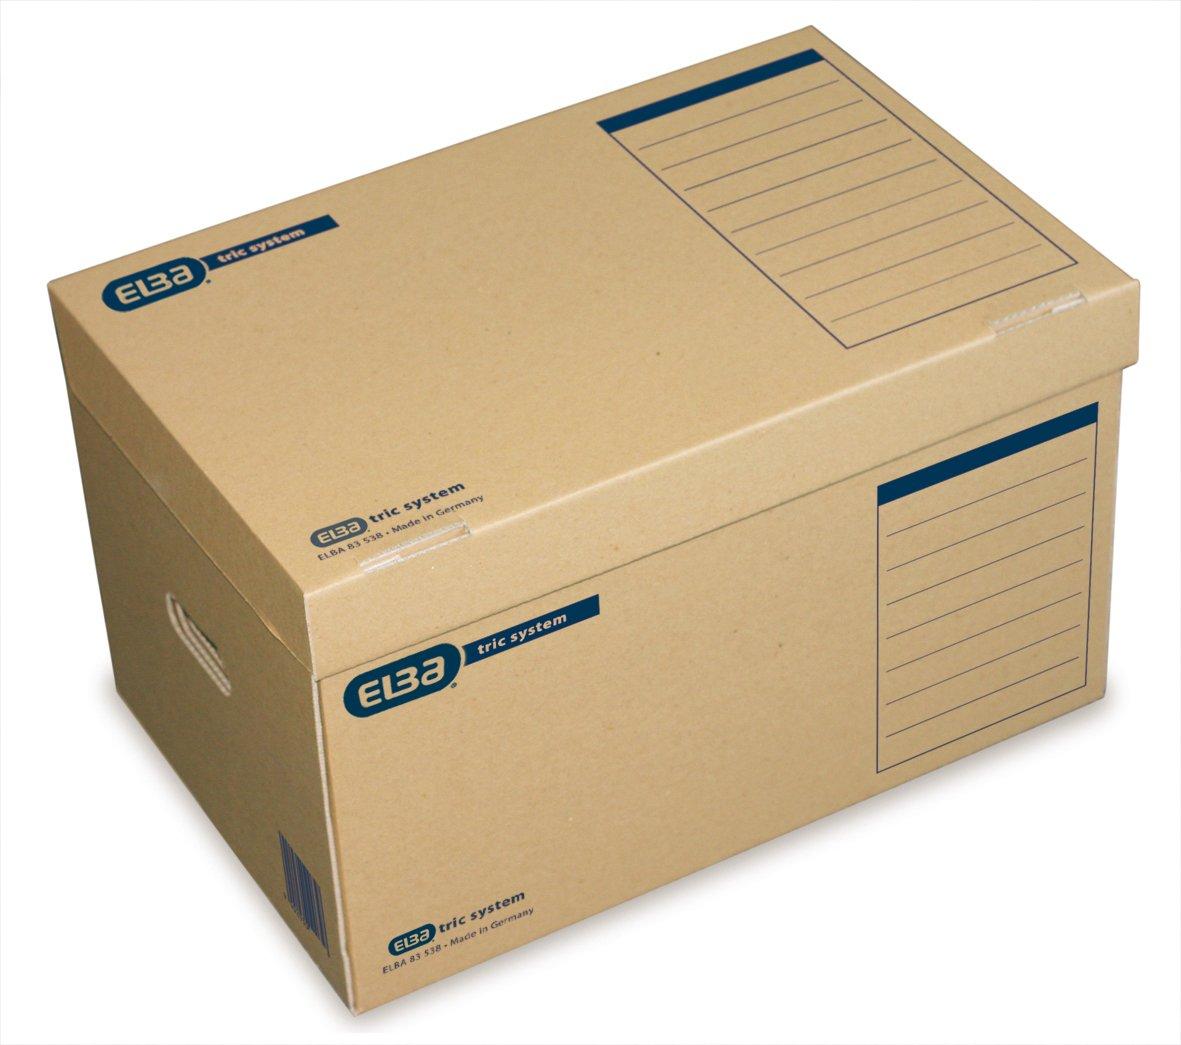 archivado sistem/ático con sistema de leng/üetas, 6 unidades Caja archivadora para colgar Elba Standard 83525 color marr/ón